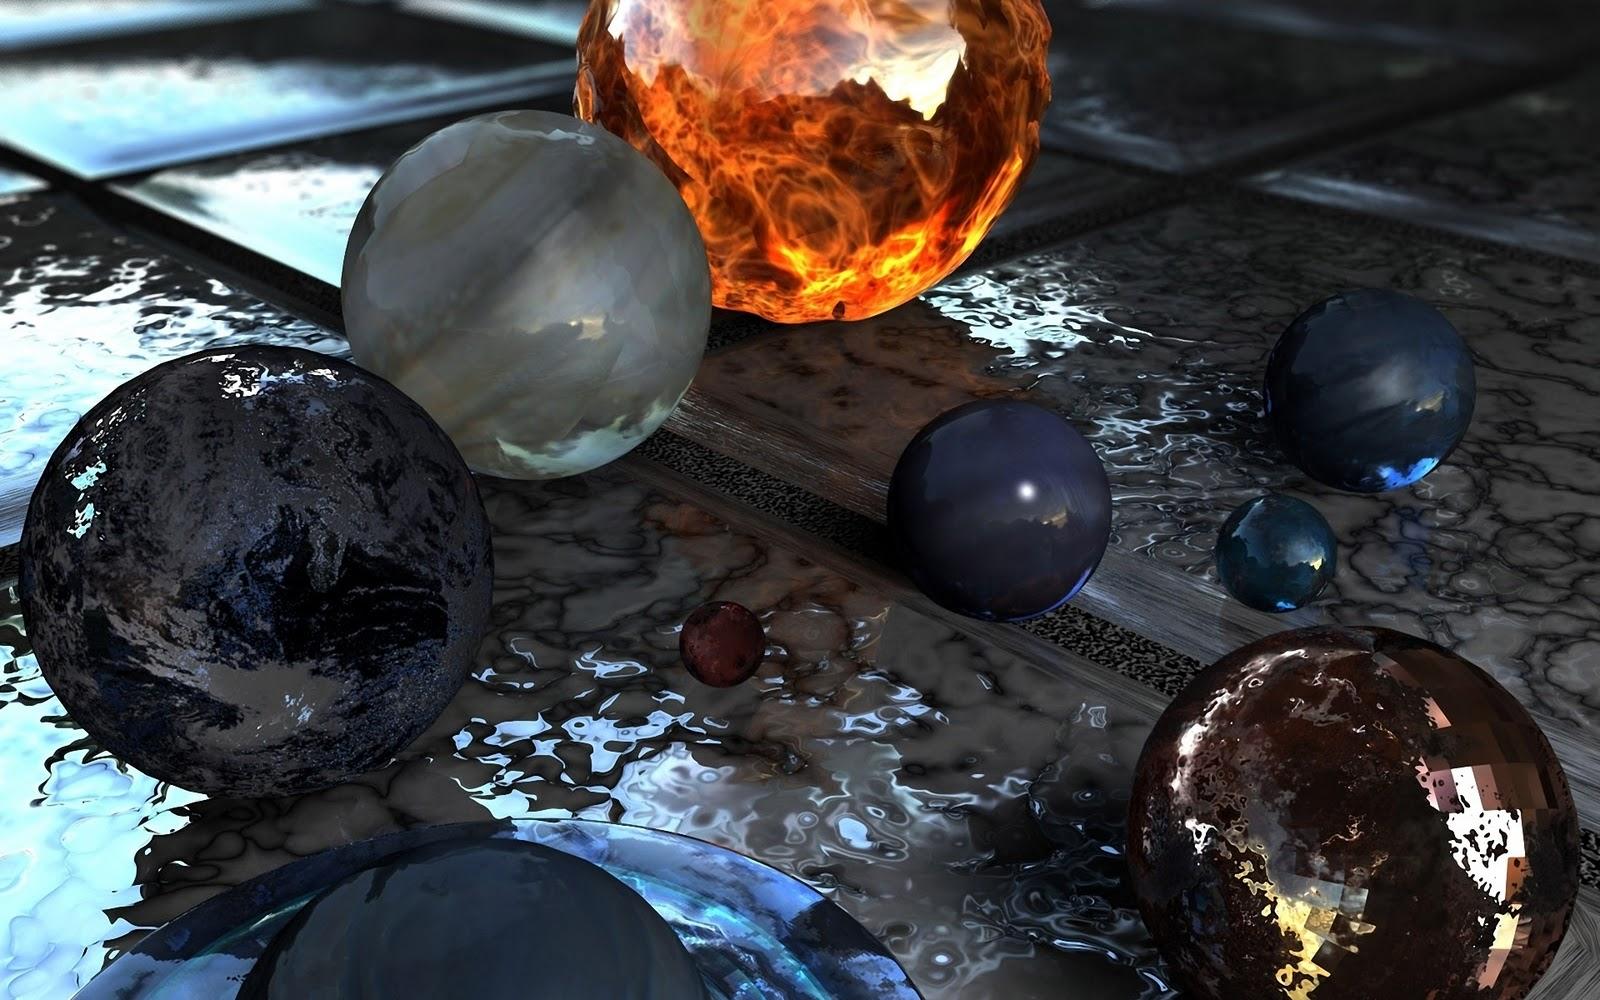 http://3.bp.blogspot.com/-mYcFboc_Wp4/TyT0_x10GlI/AAAAAAAAARA/Aoc3wCEMSF4/s1600/colorfull+bubbles.jpg